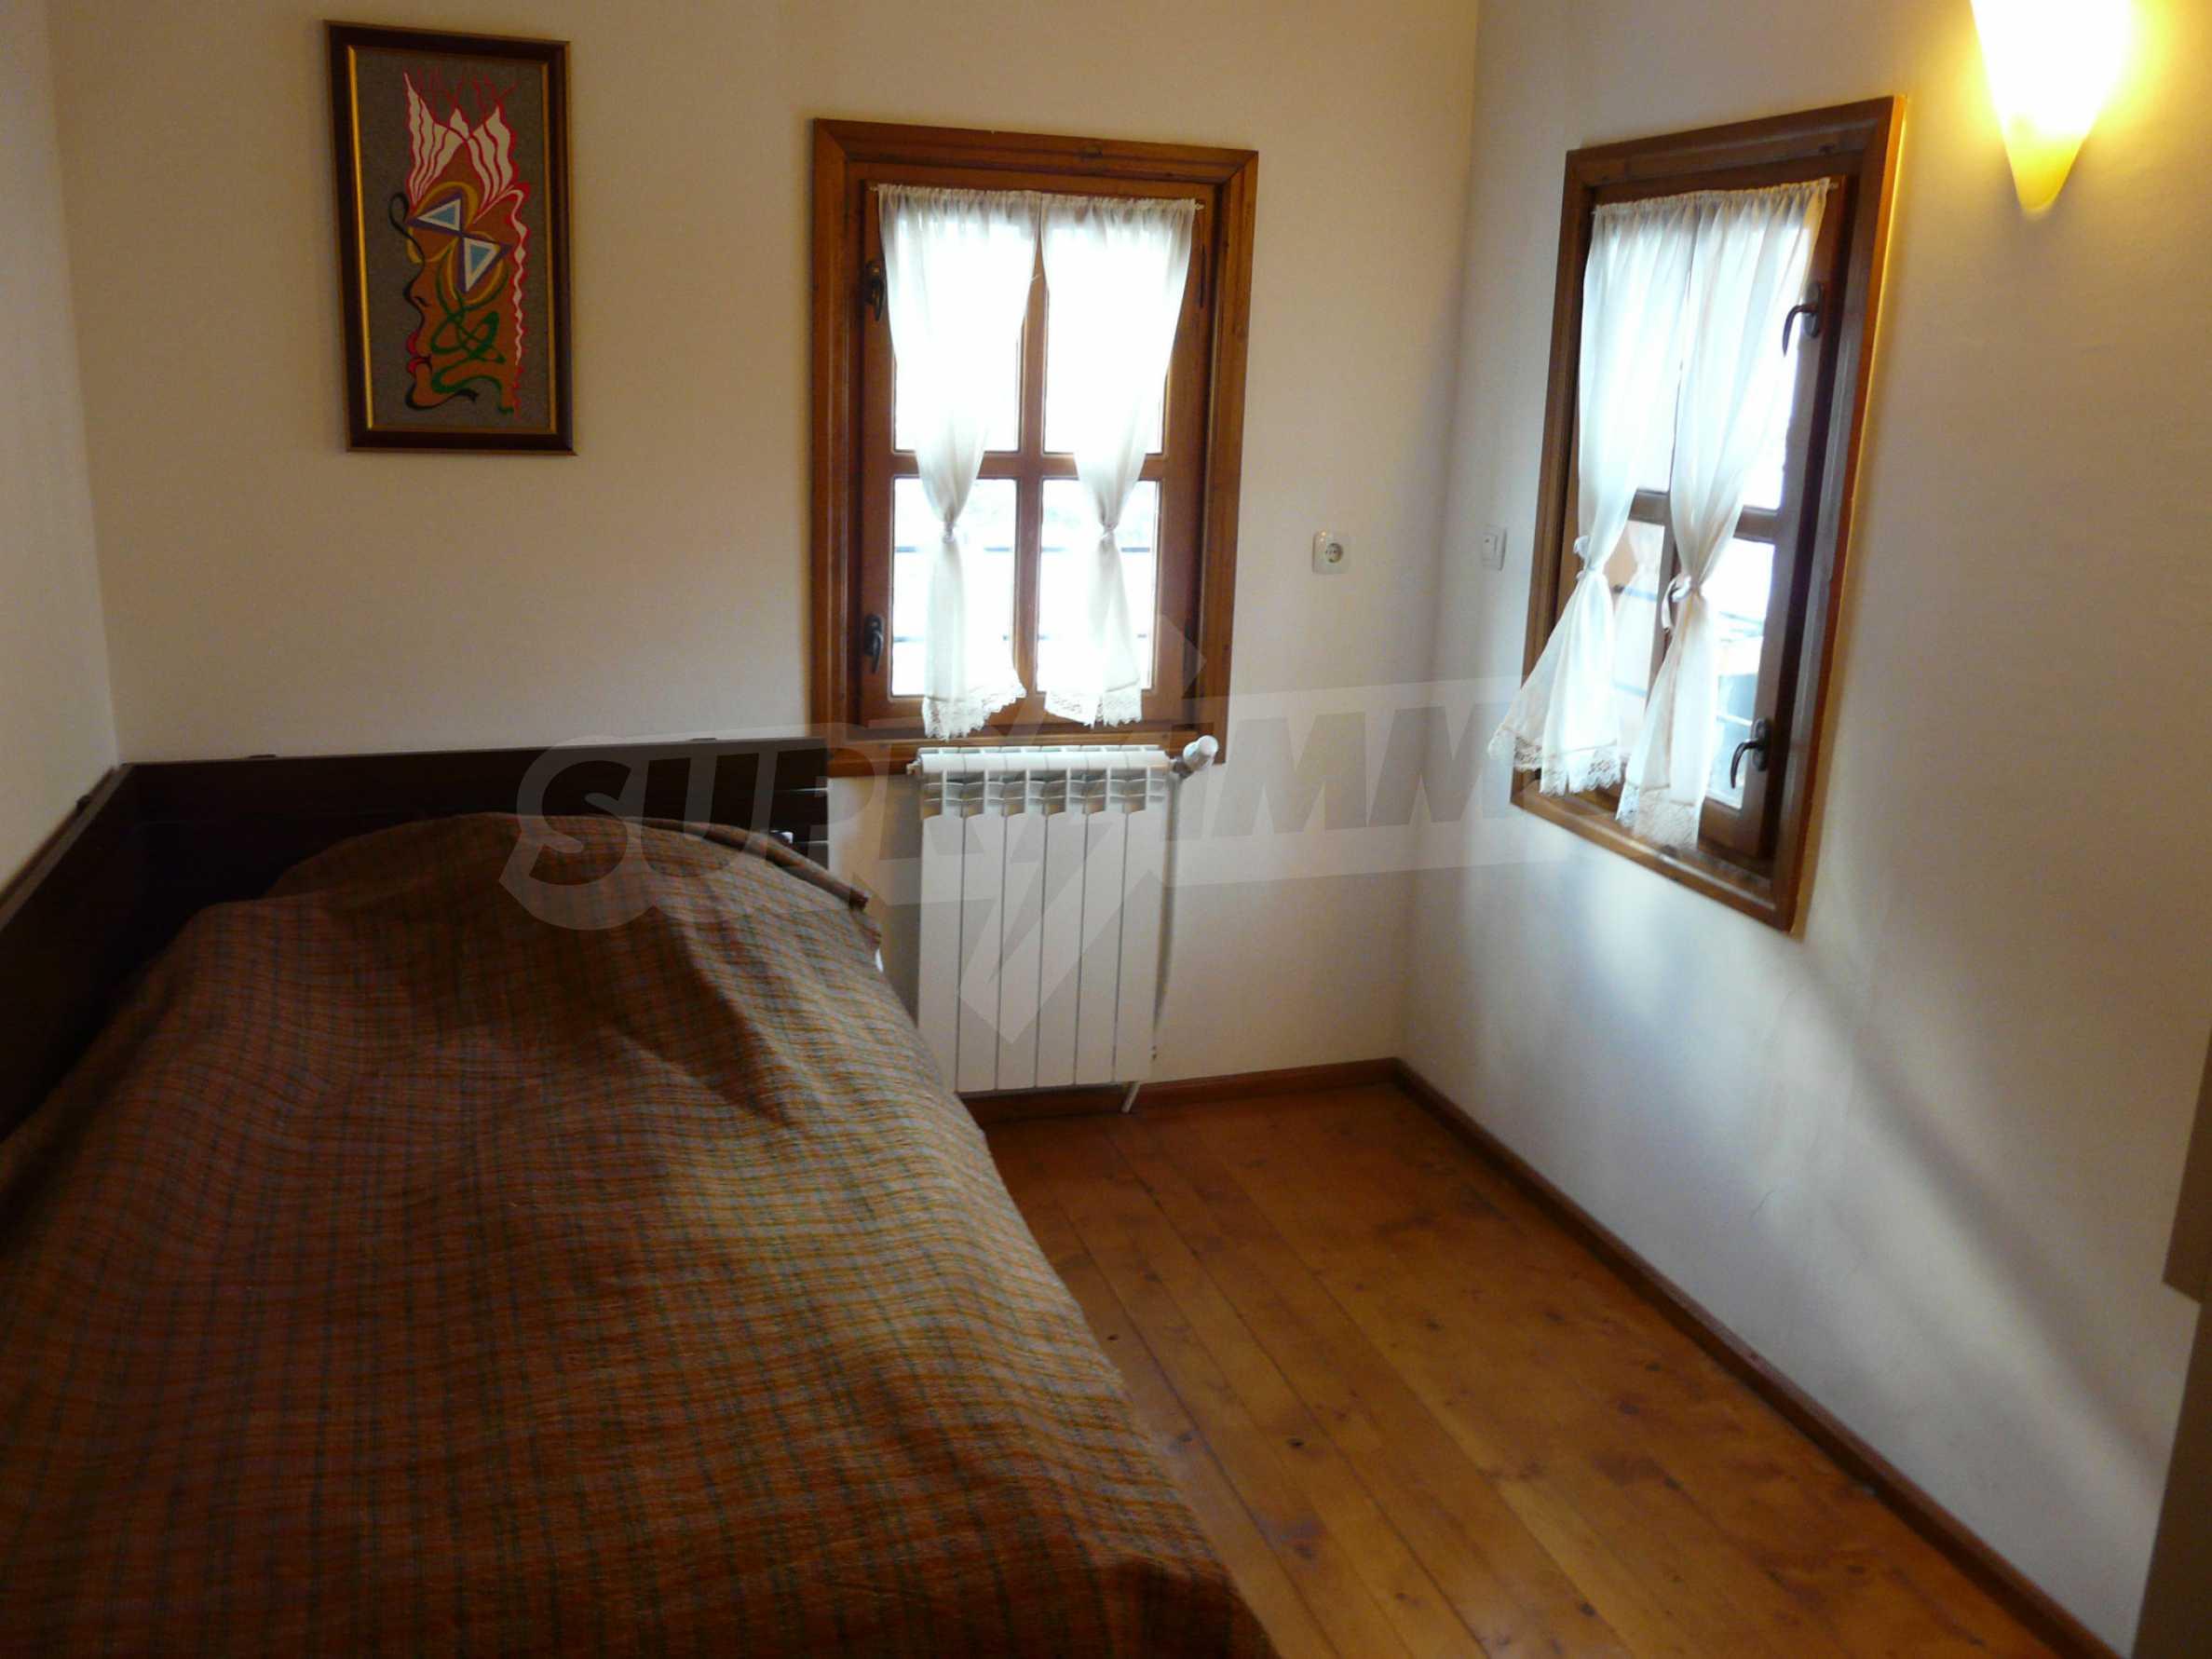 Renoviertes, möbliertes Rhodopenhaus in der Nähe von Pamporovo und Smolyan 20